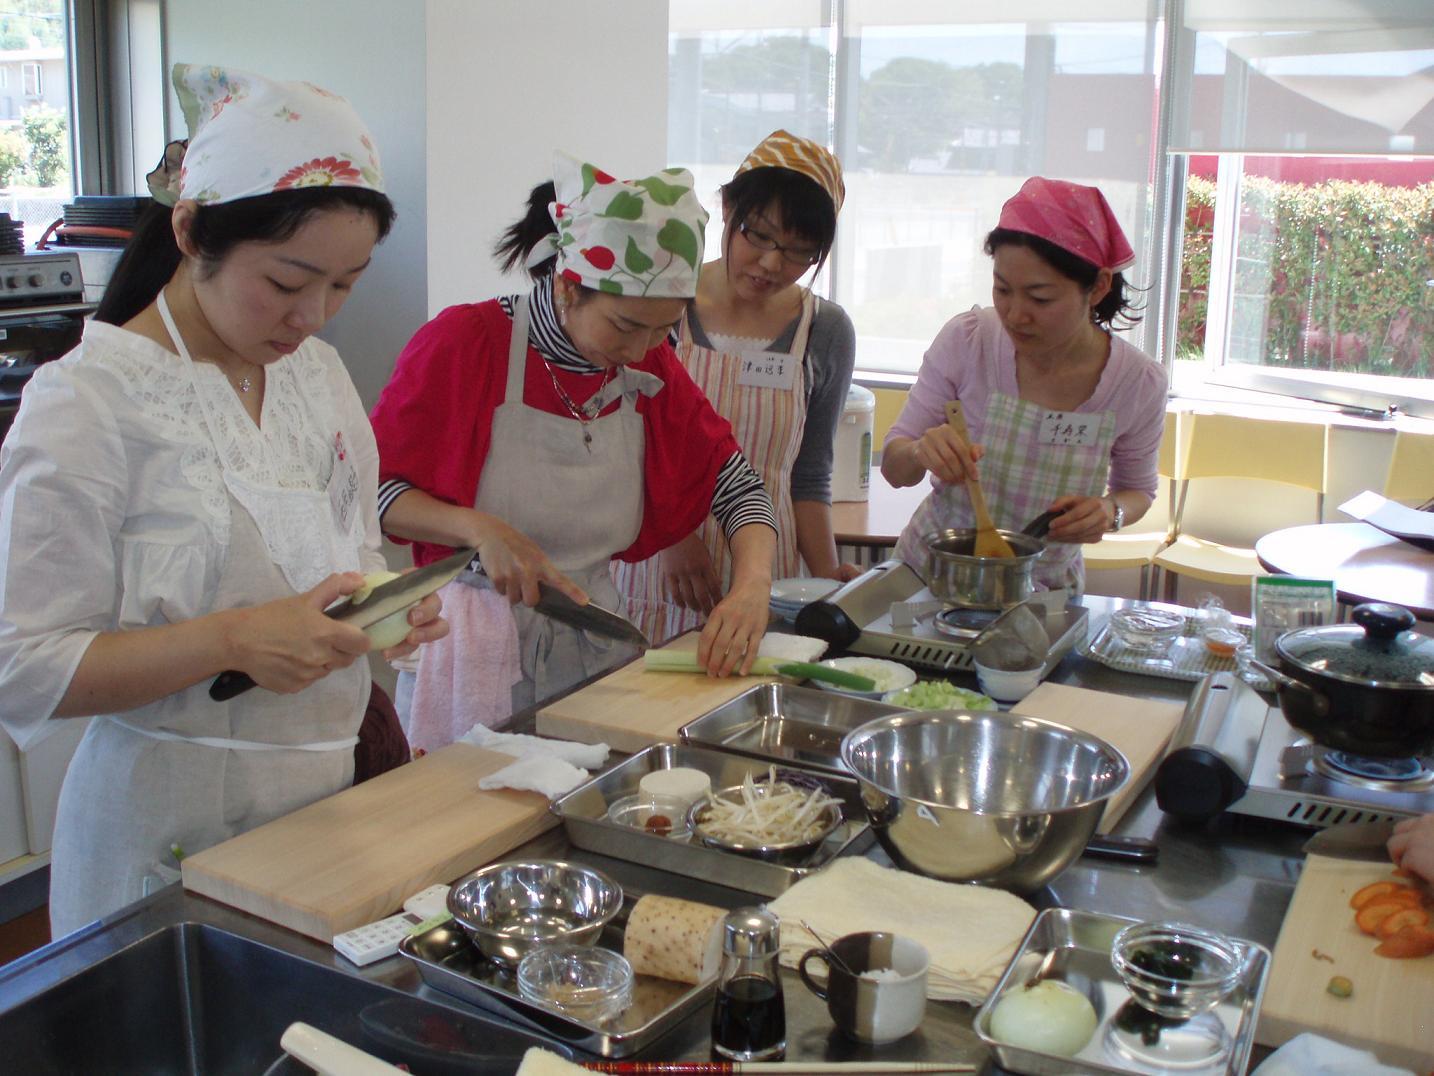 日本滞在記⑦ 広島レベル2の講義と調理実習_f0095325_20374793.jpg